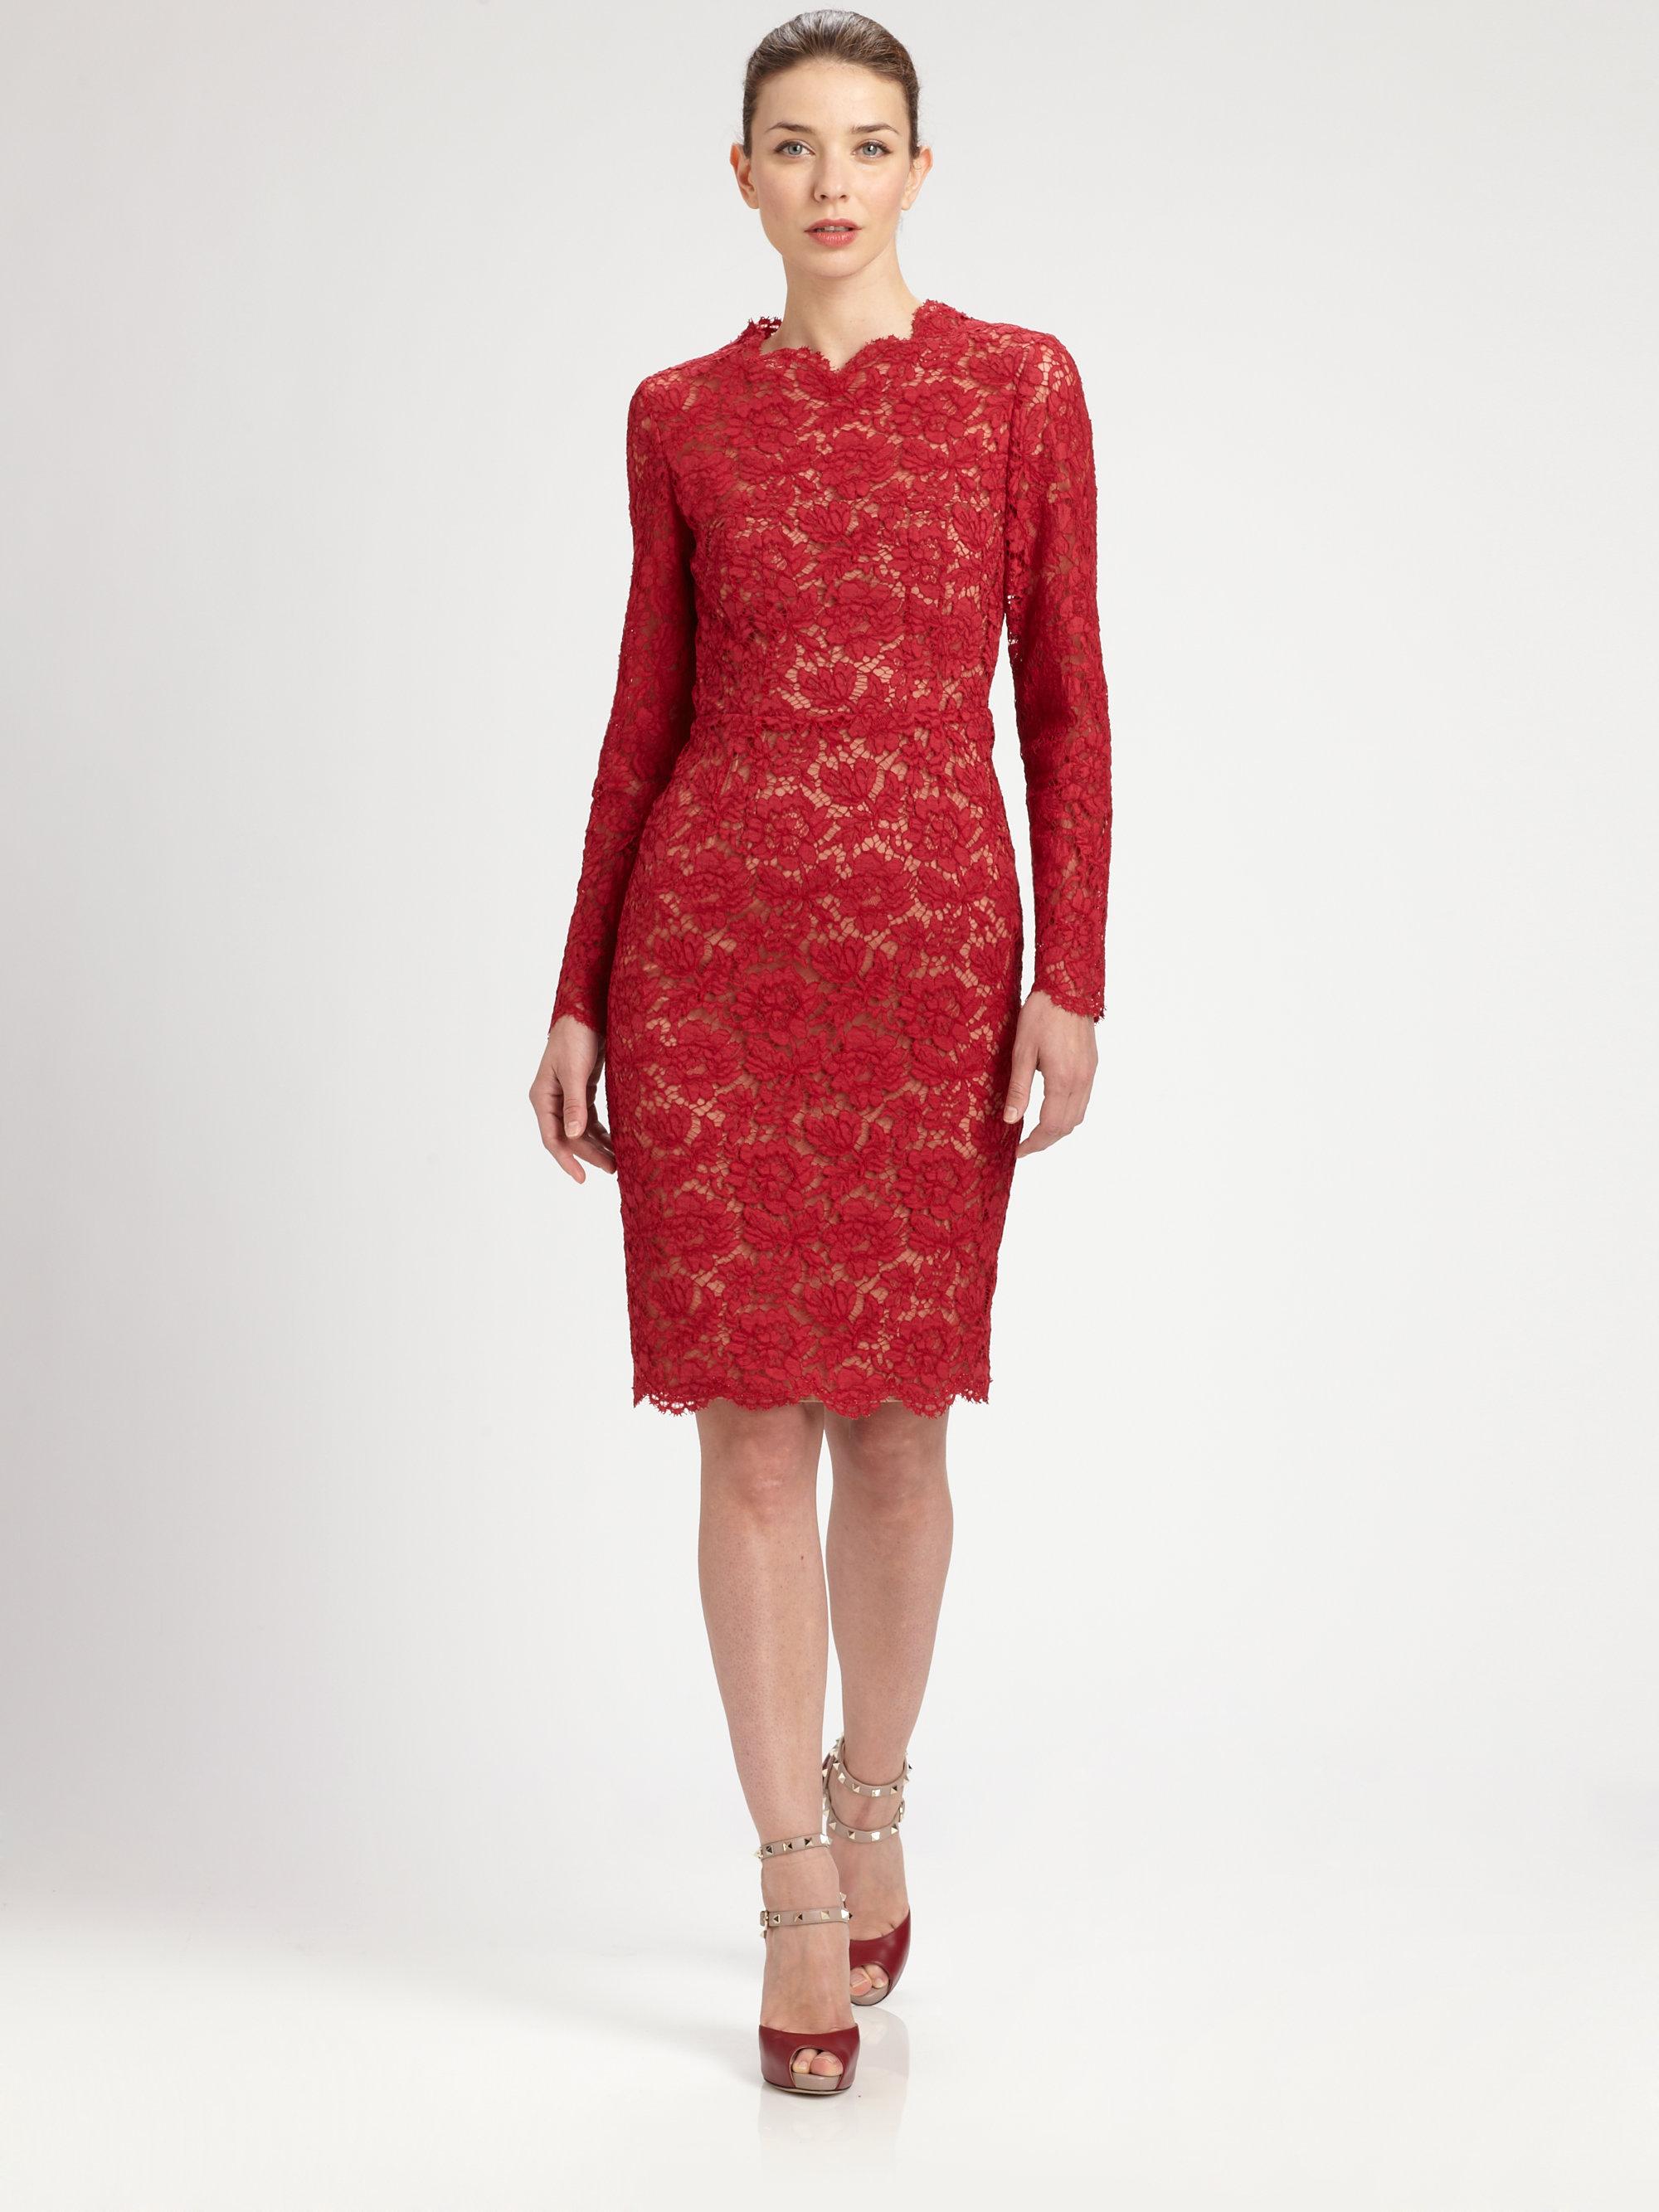 London Designer Cocktail Dresses